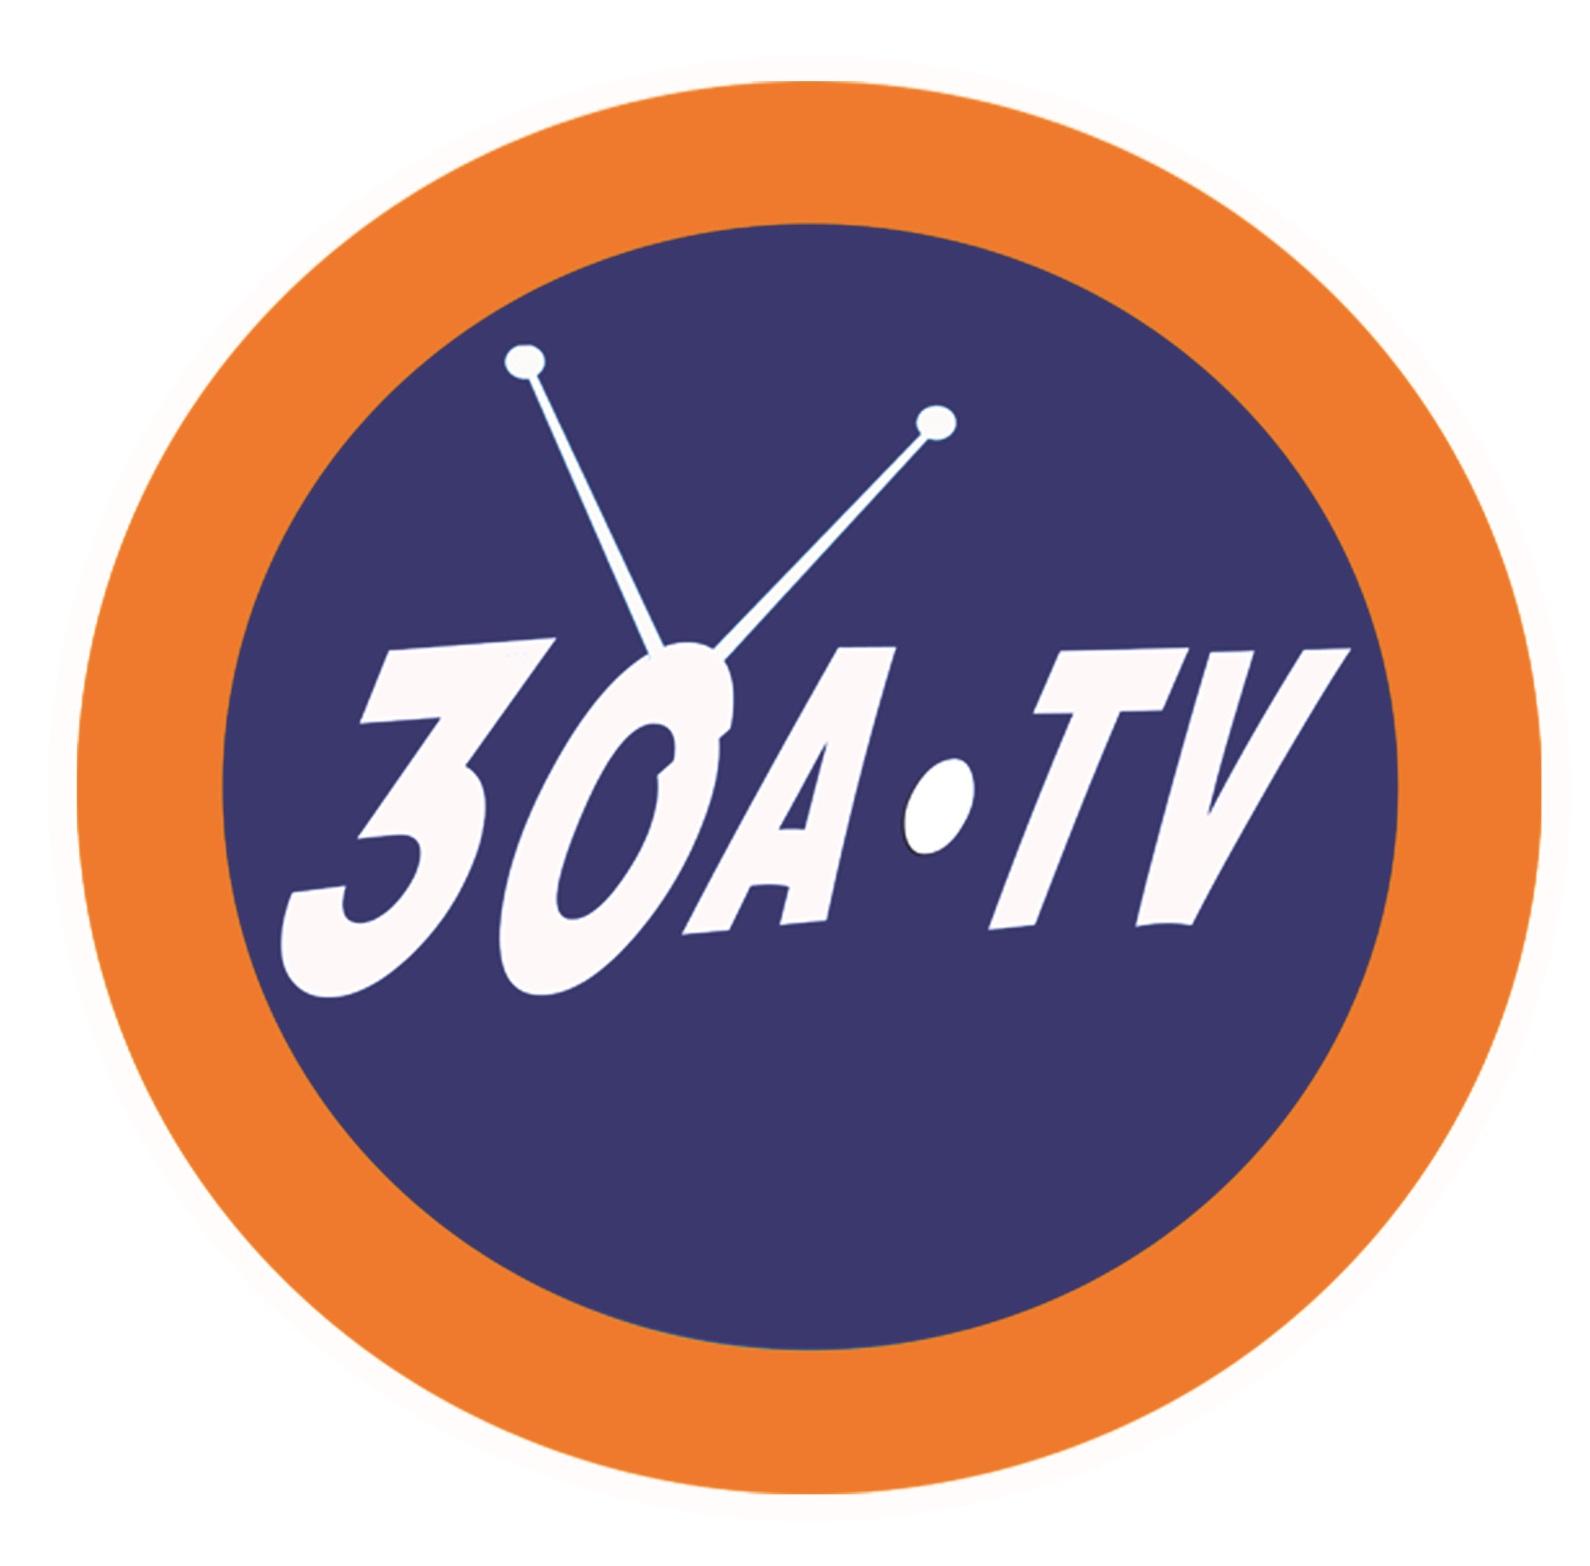 30a tv logo